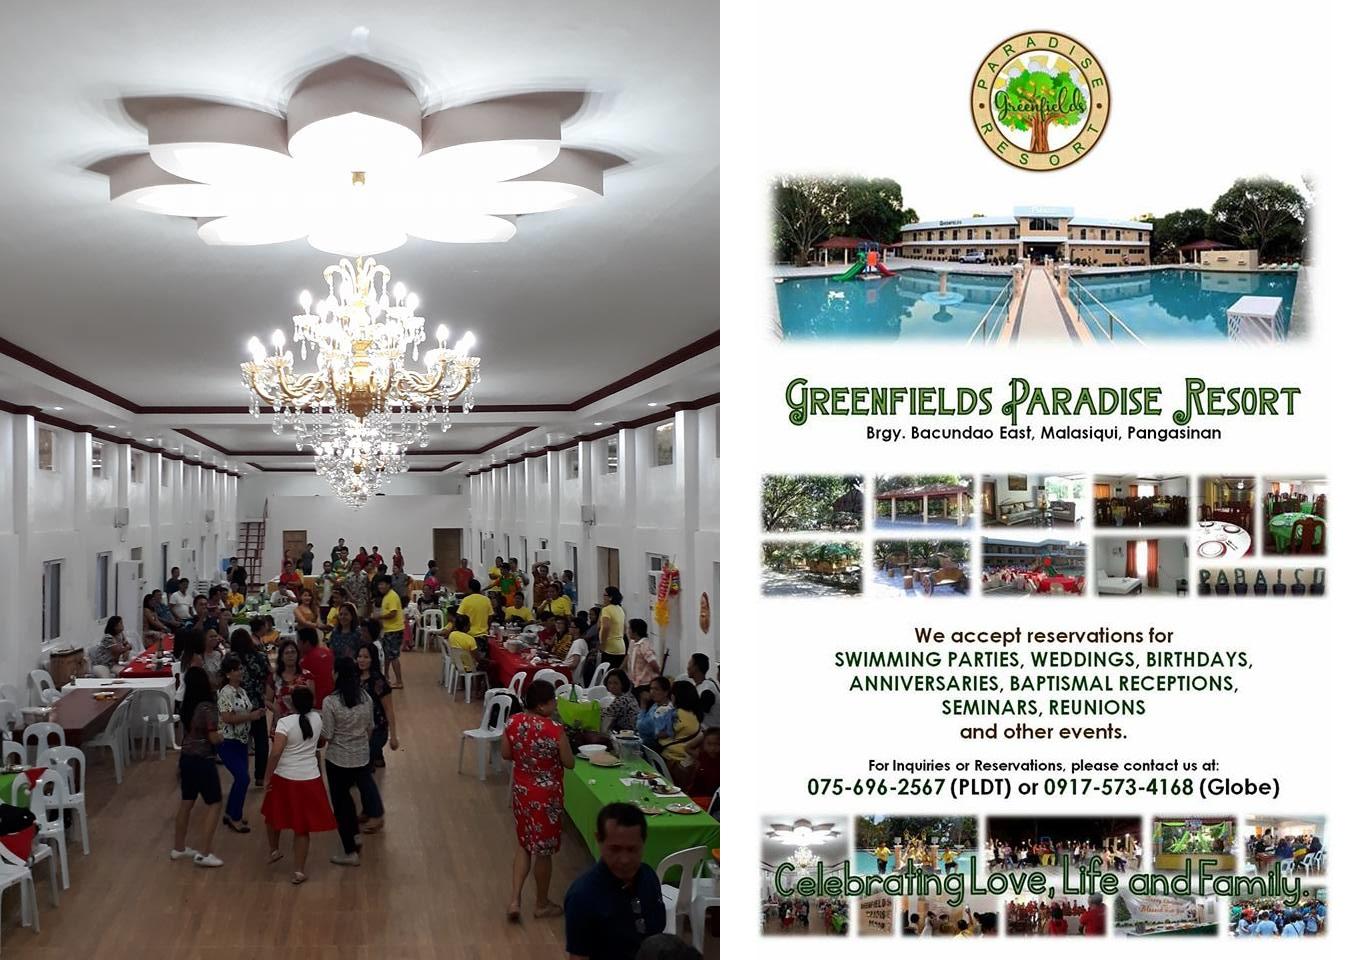 greenfields paradise resort  in pangasinan